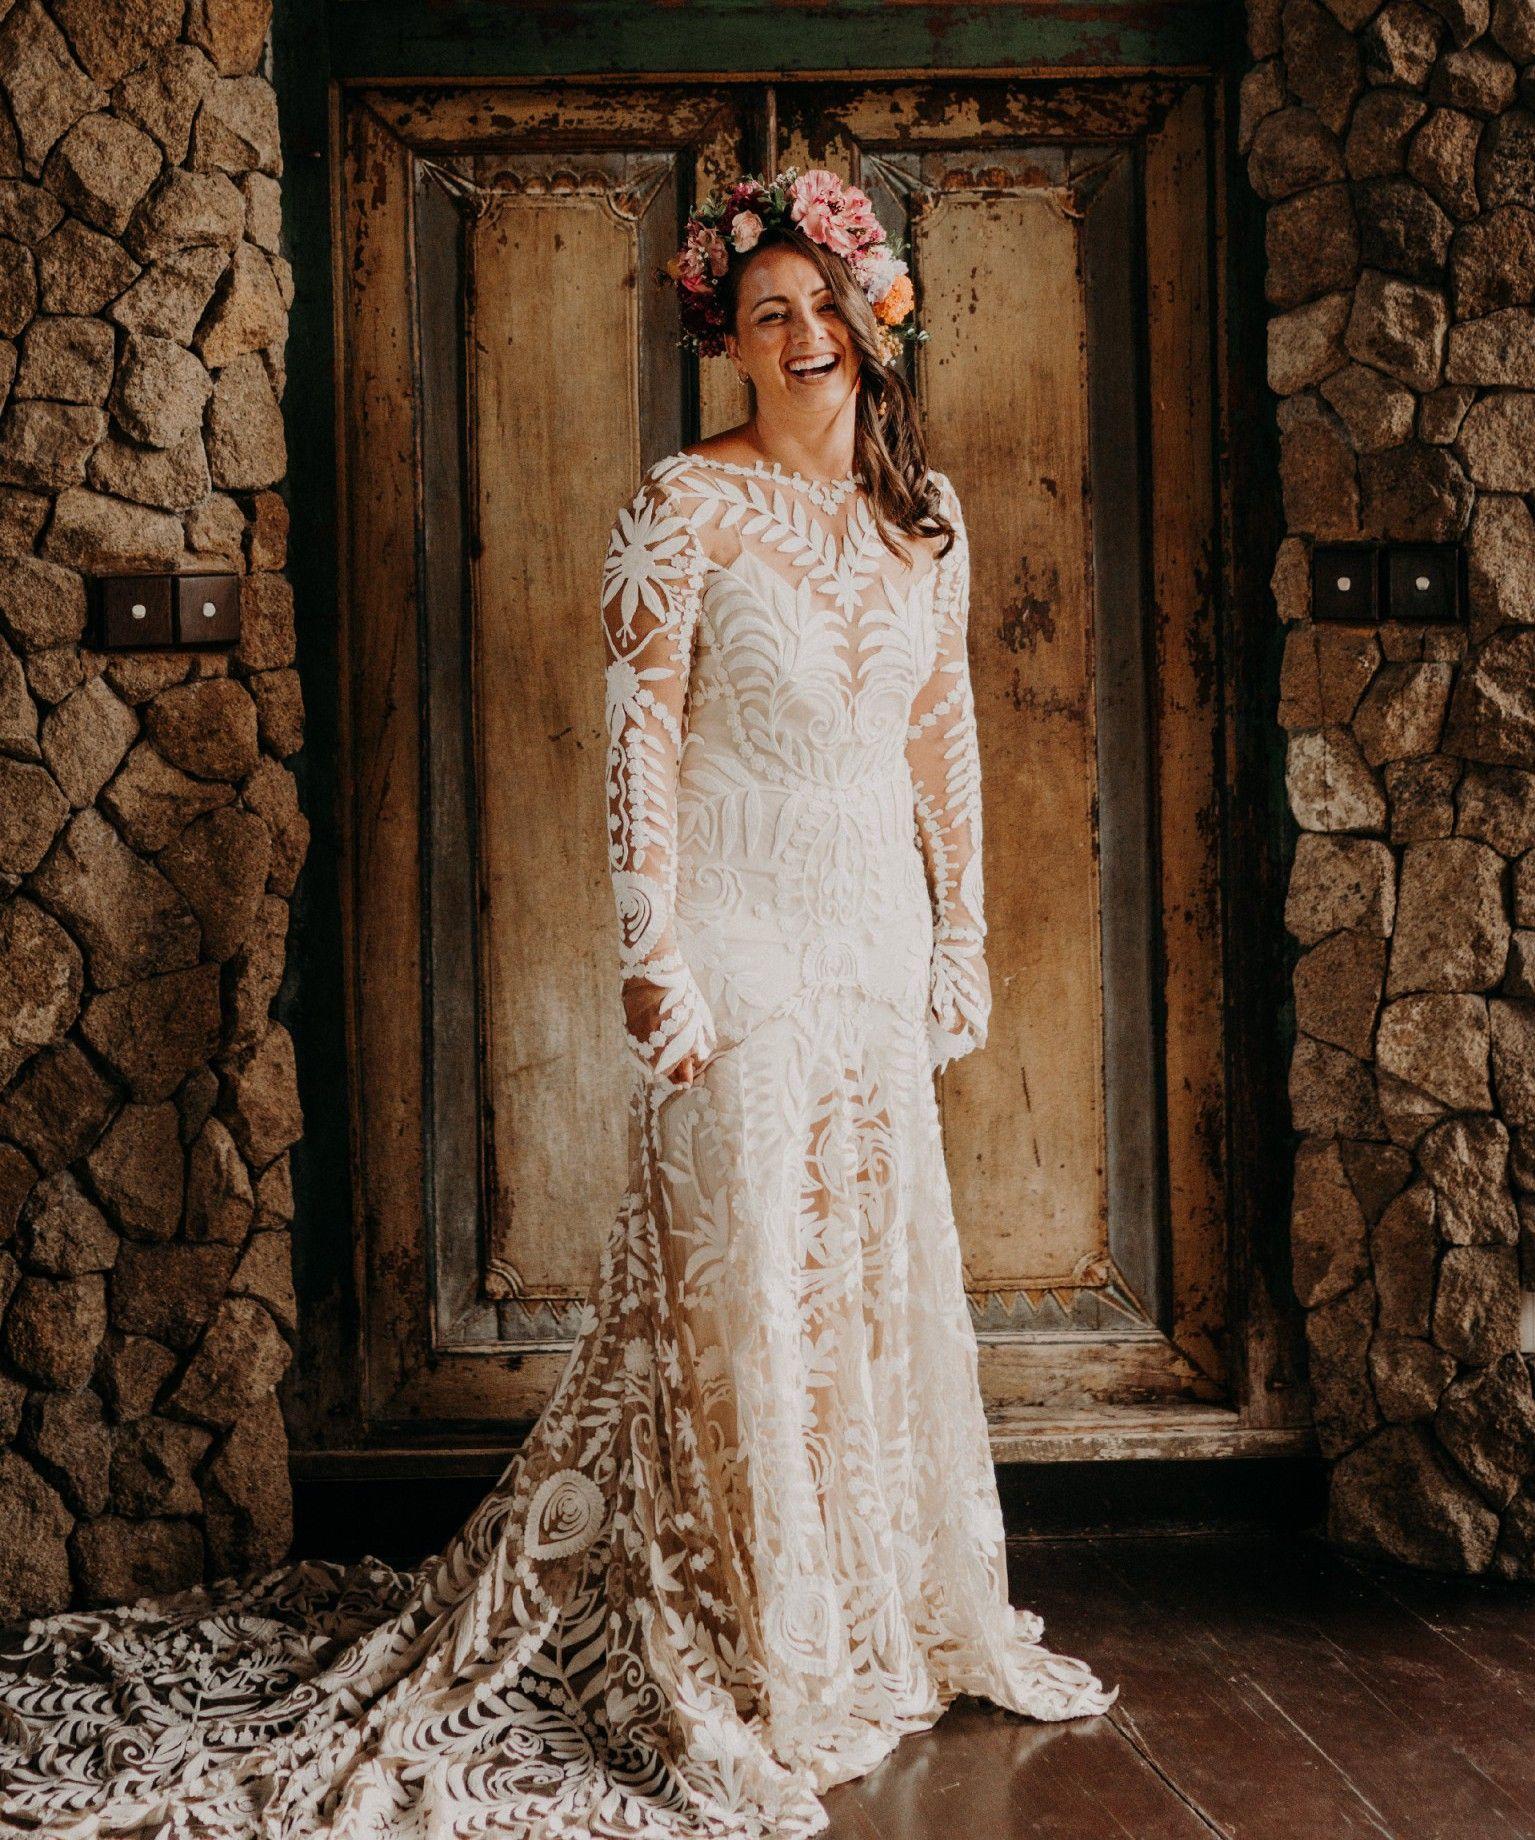 Rue De Seine Avril Wedding Dress Ruedeseine Bride Weddingdress Stillwhite Wedding Stillwhitebr Wedding Dresses Used Wedding Dresses Wedding Dresses Lace [ 1840 x 1535 Pixel ]